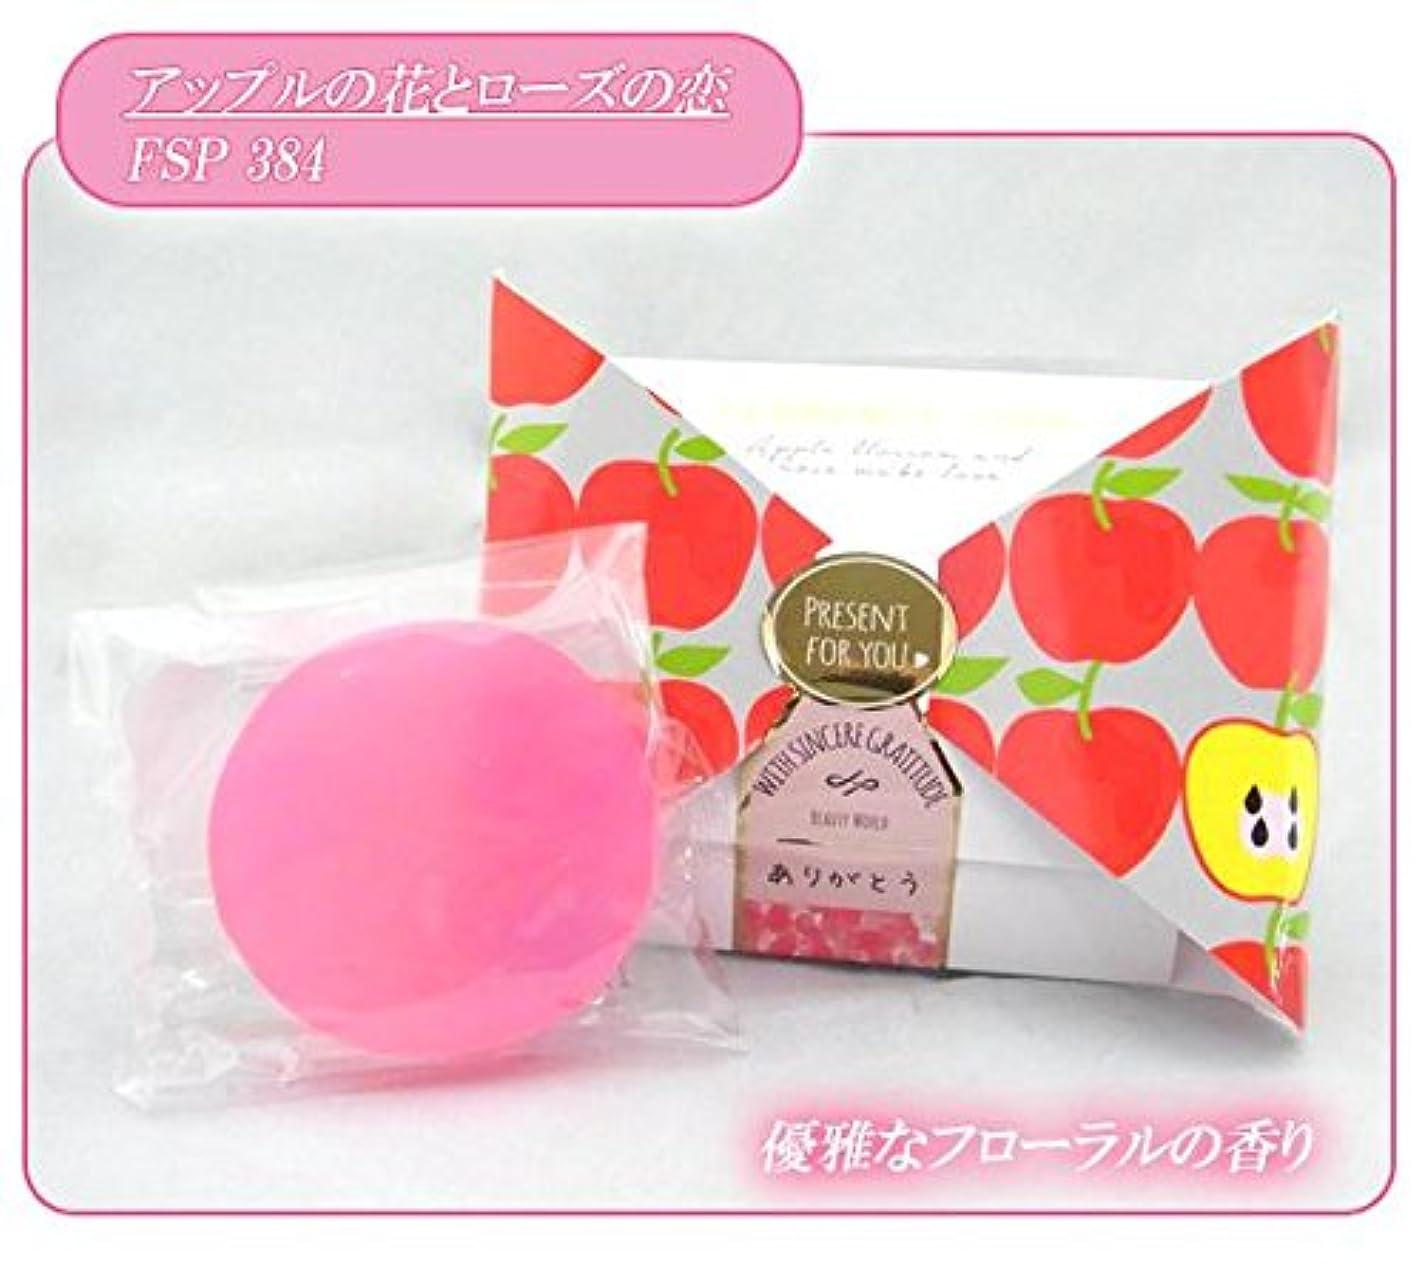 リル呼びかける把握ビューティーワールド BWフローレンスの香り石けん リボンパッケージ 6個セット アップルの花とローズの恋